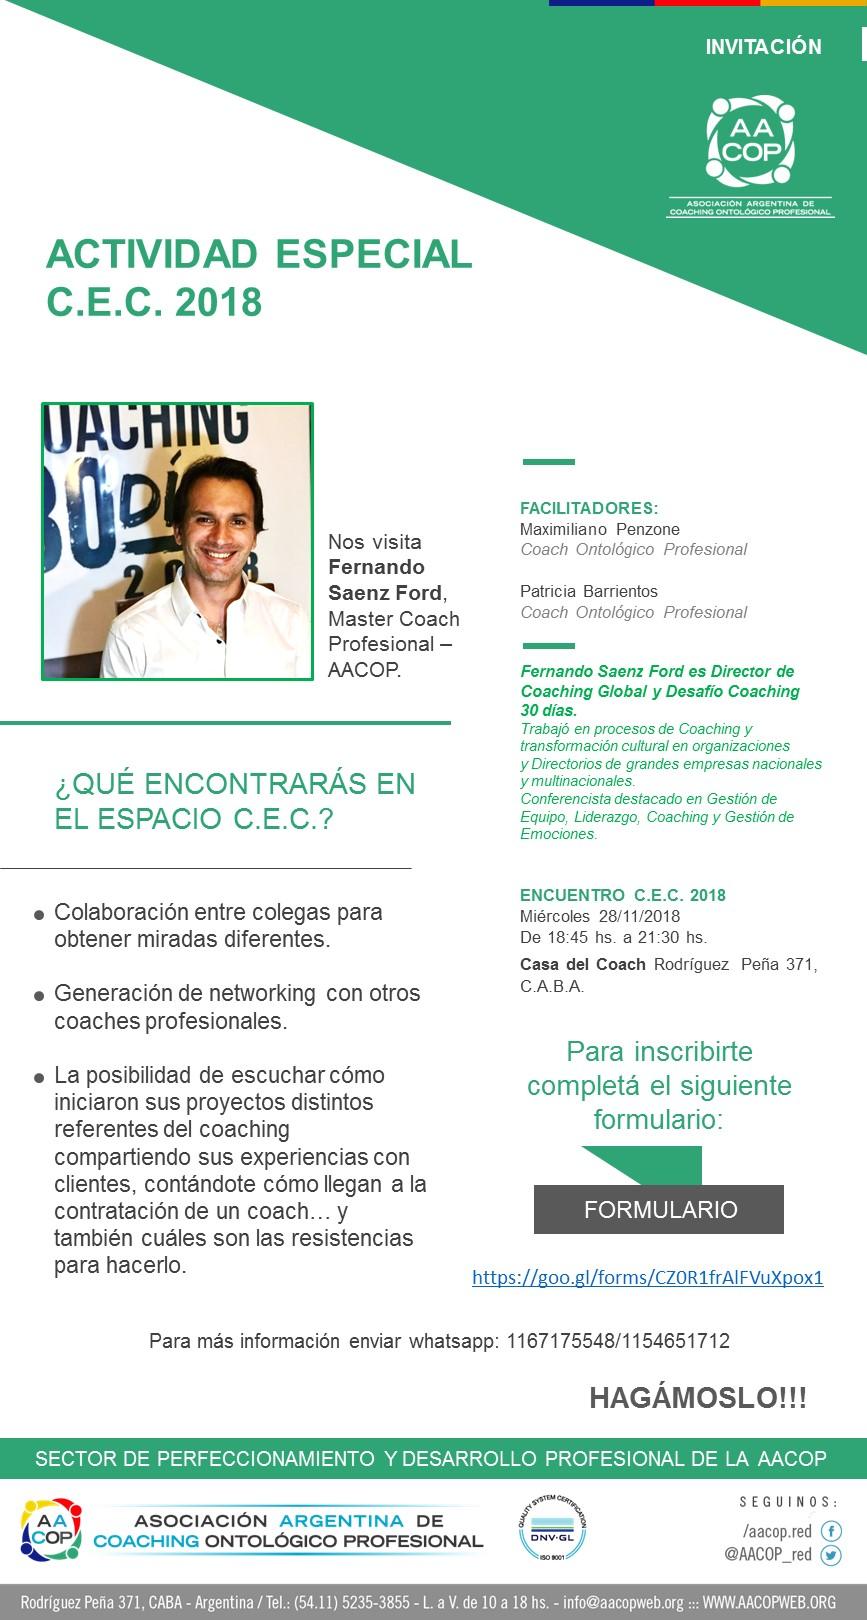 CEC - Actividad especial con Fernando Saenz Ford | imagen